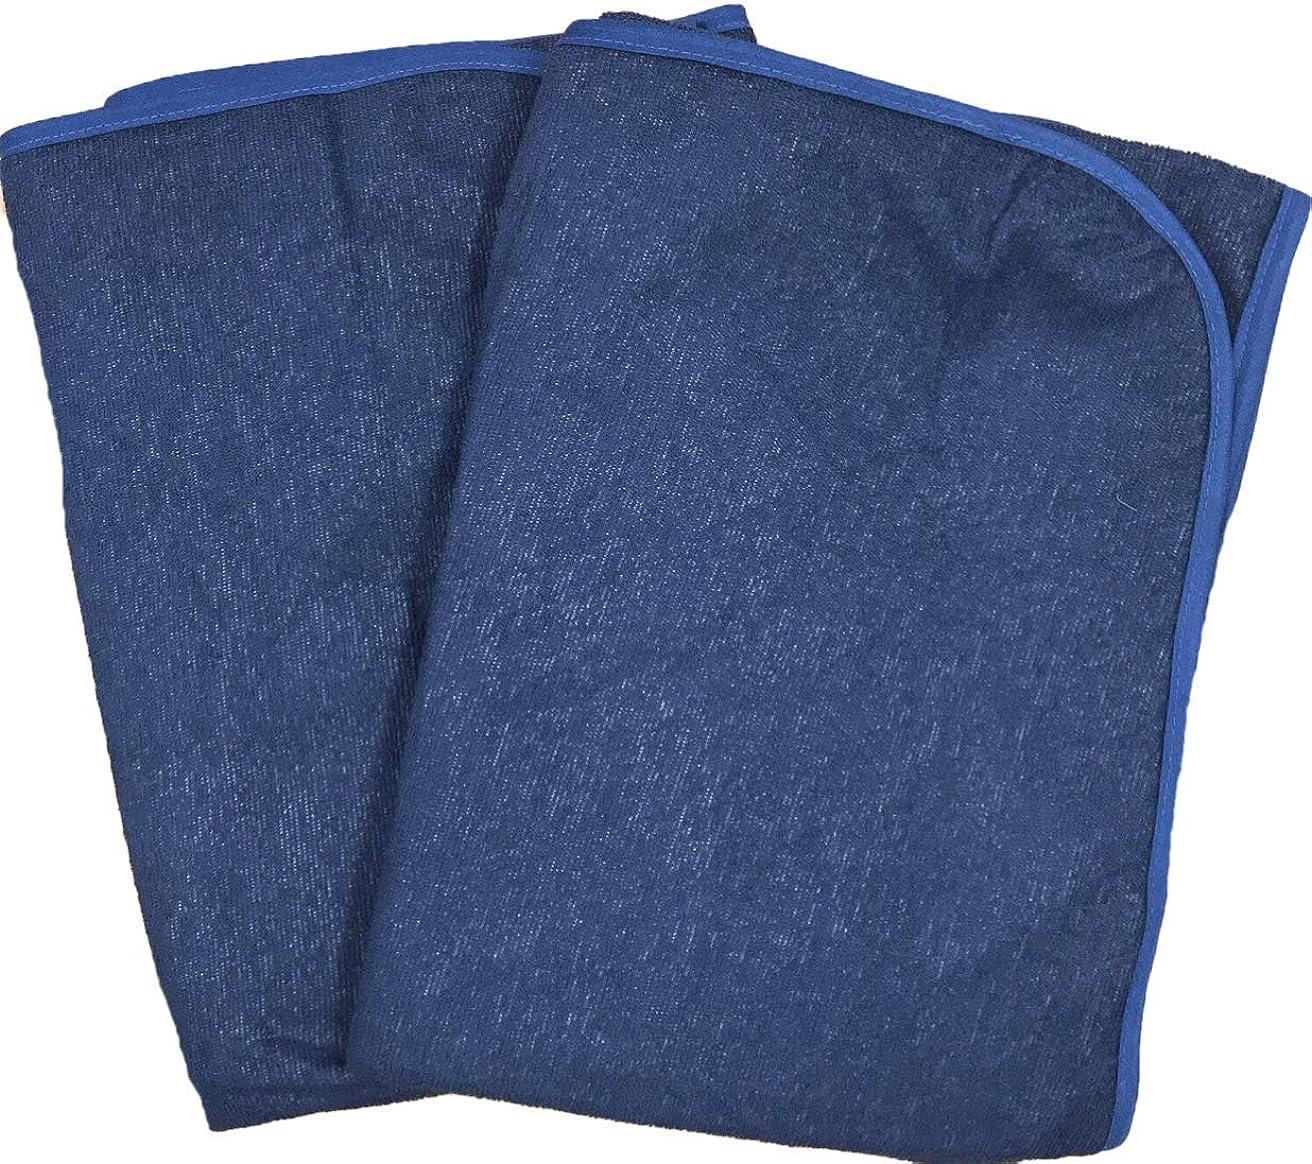 咳めまいジレンマ【2枚セット】乾きの早い薄タイプ 防水シーツ おねしょシーツ(シングル100×205cm) (ネイビー)